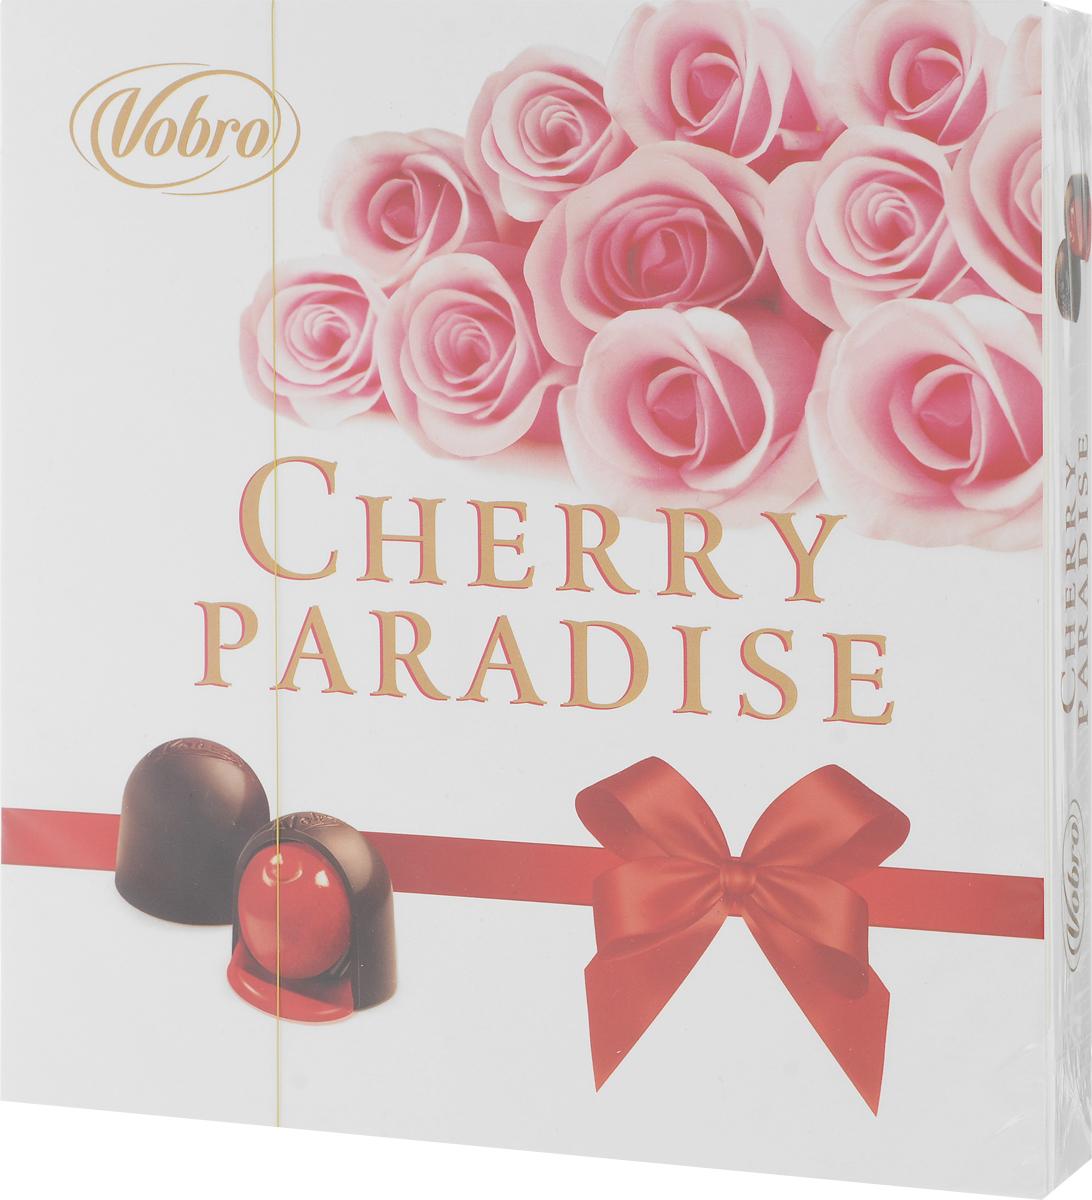 Vobro Cherry Paradise набор шоколадных конфет вишня в ликере, 105 г шоколадные годы конфеты ассорти 190 г